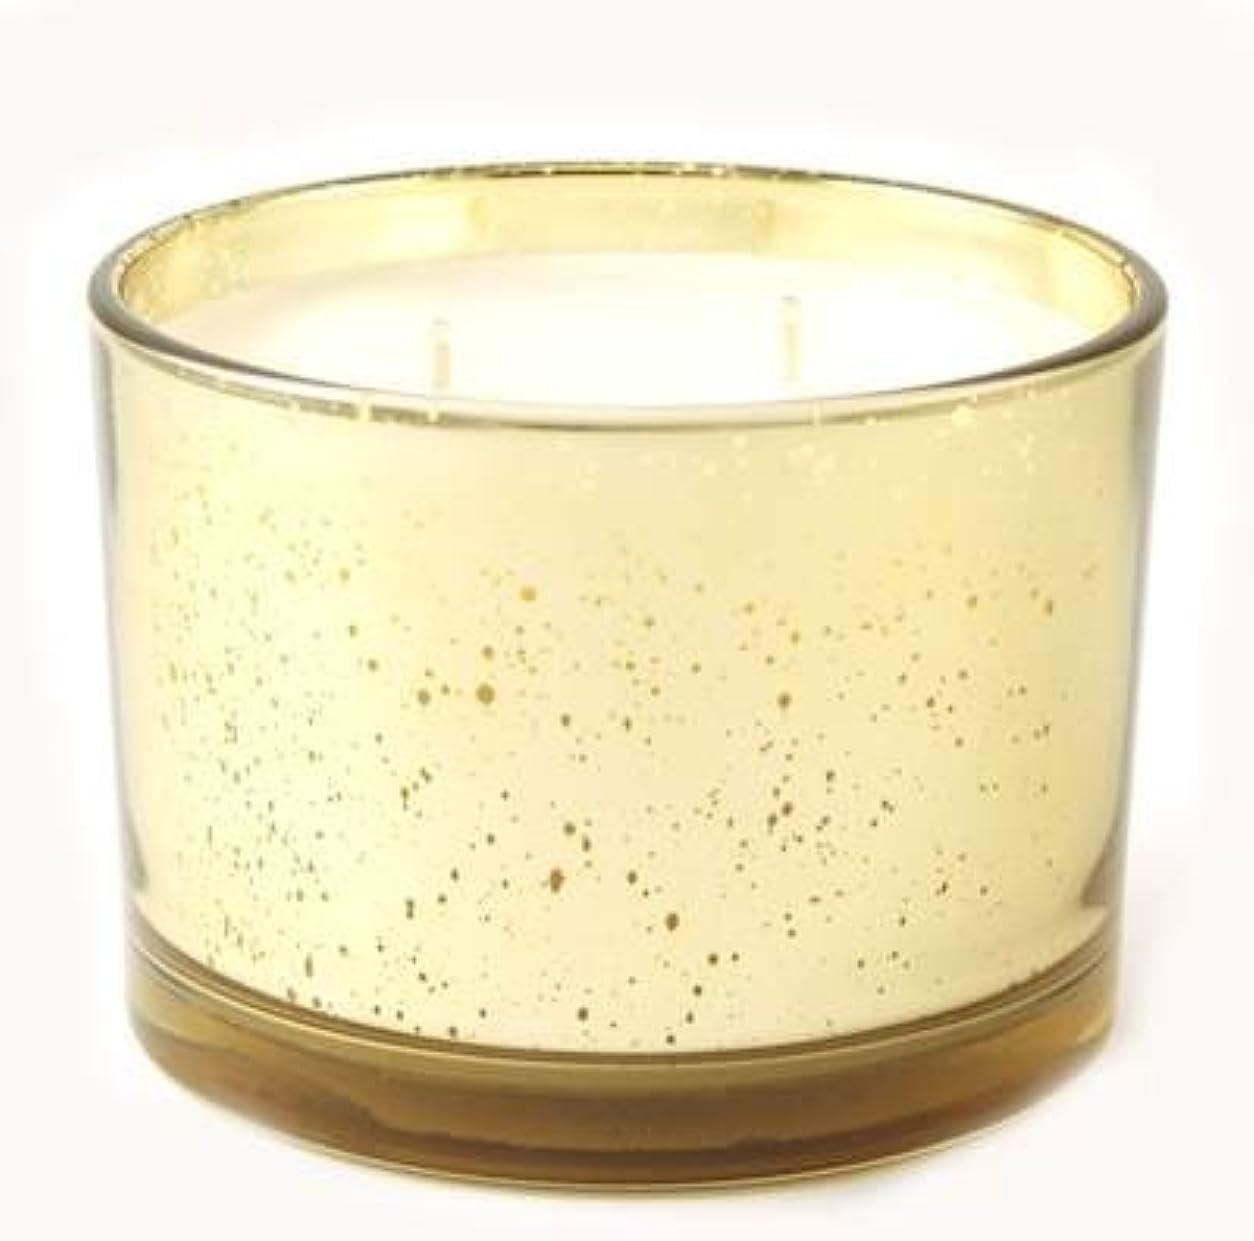 同性愛者アーティファクト欠点Limelight Tyler Statureゴールドonゴールド16oz香りつきJar Candle